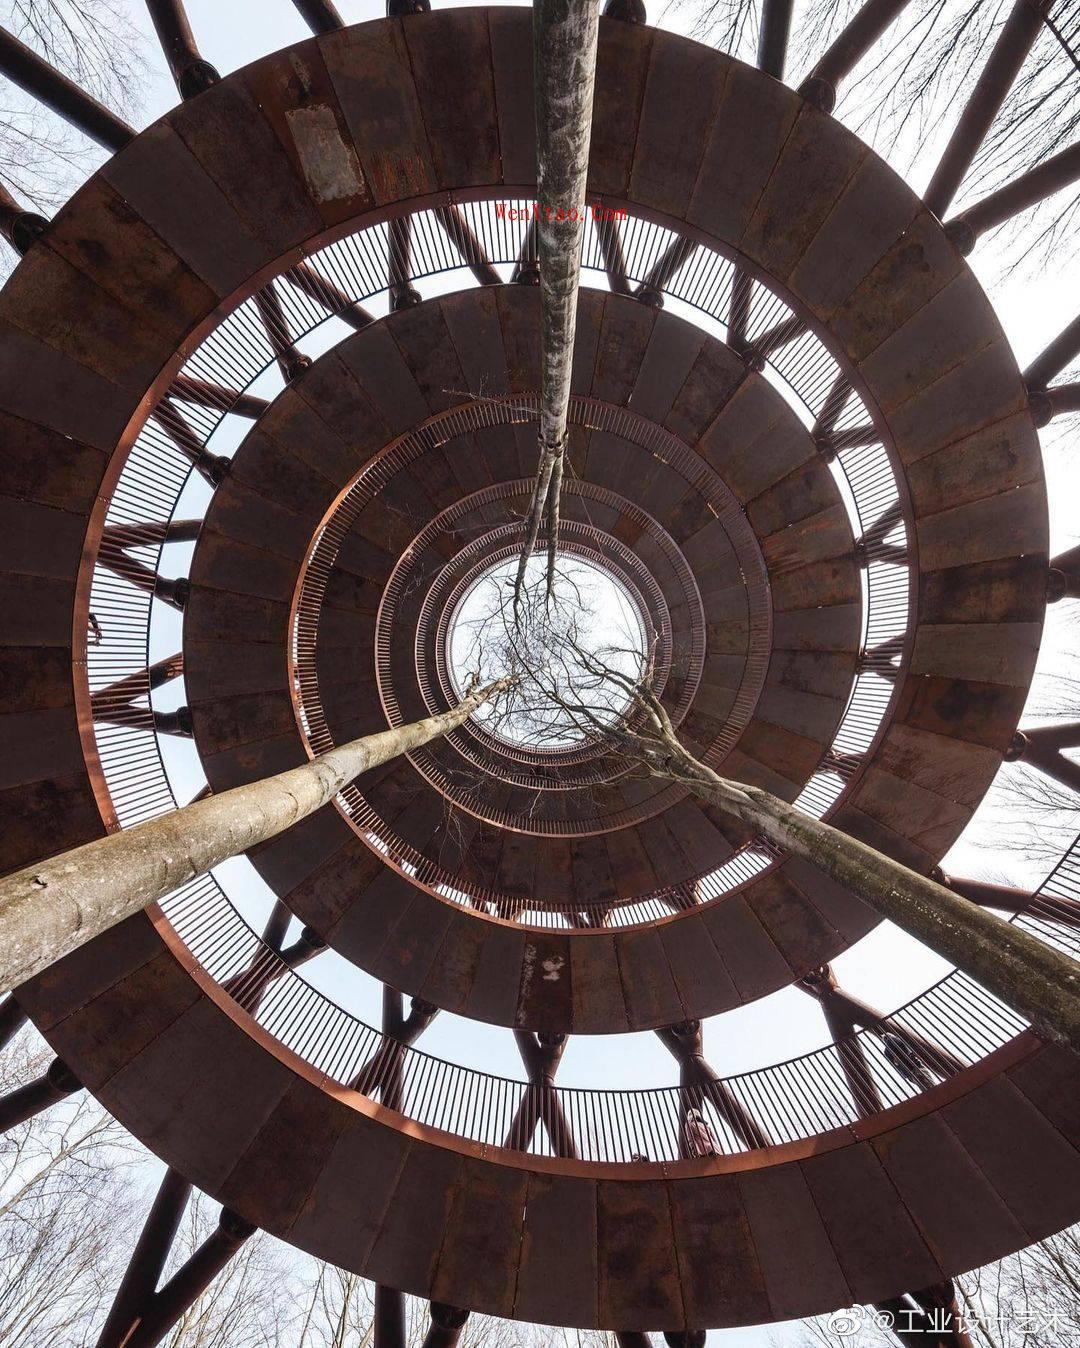 丹麥探險塔 |带你全视角一览丹麦,丹麥探險塔 |带你全视角一览丹麦 工业设计艺术 第4张,丹麥探險塔,工业设计艺术,第4张